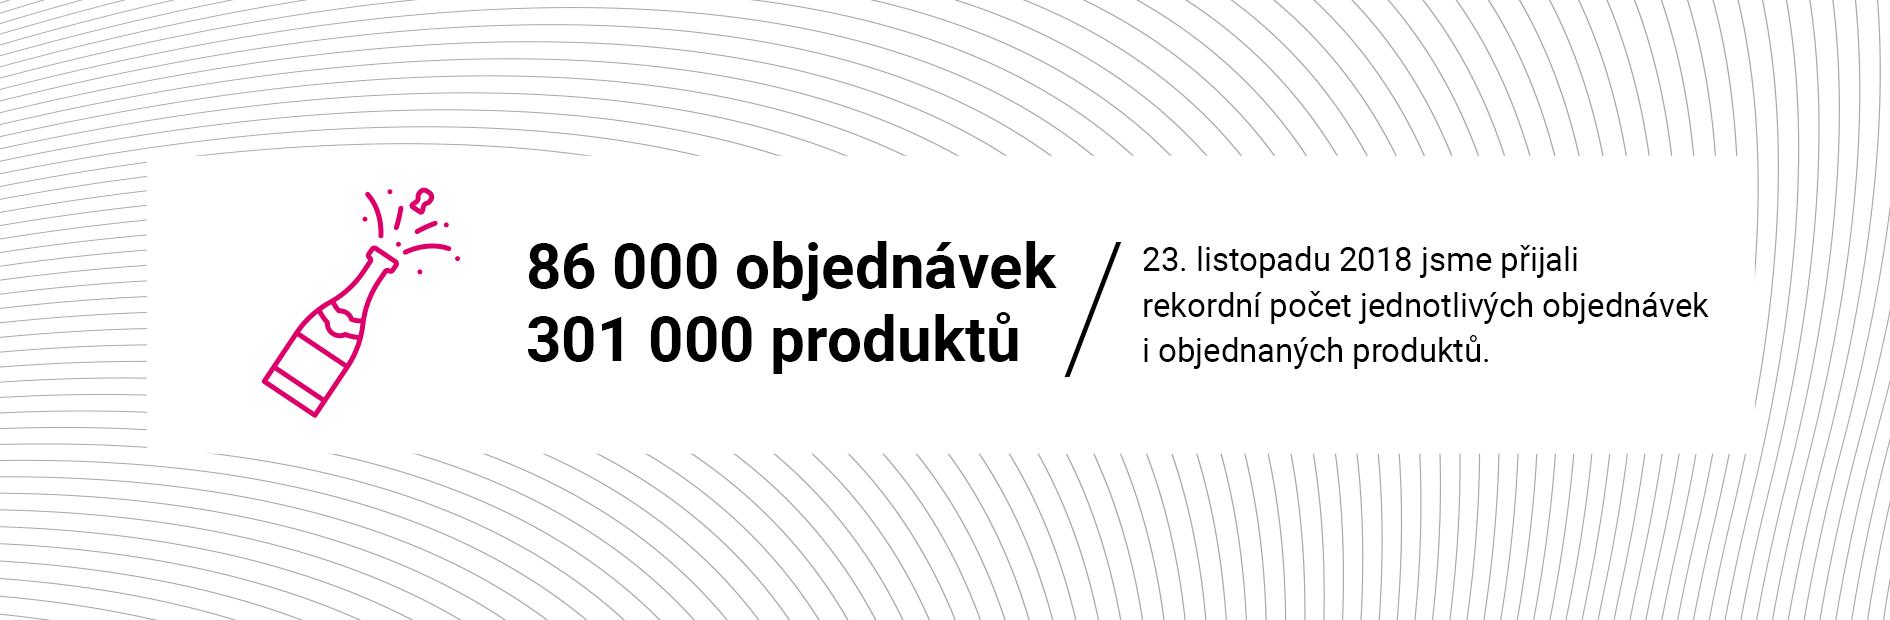 60 000 produktů